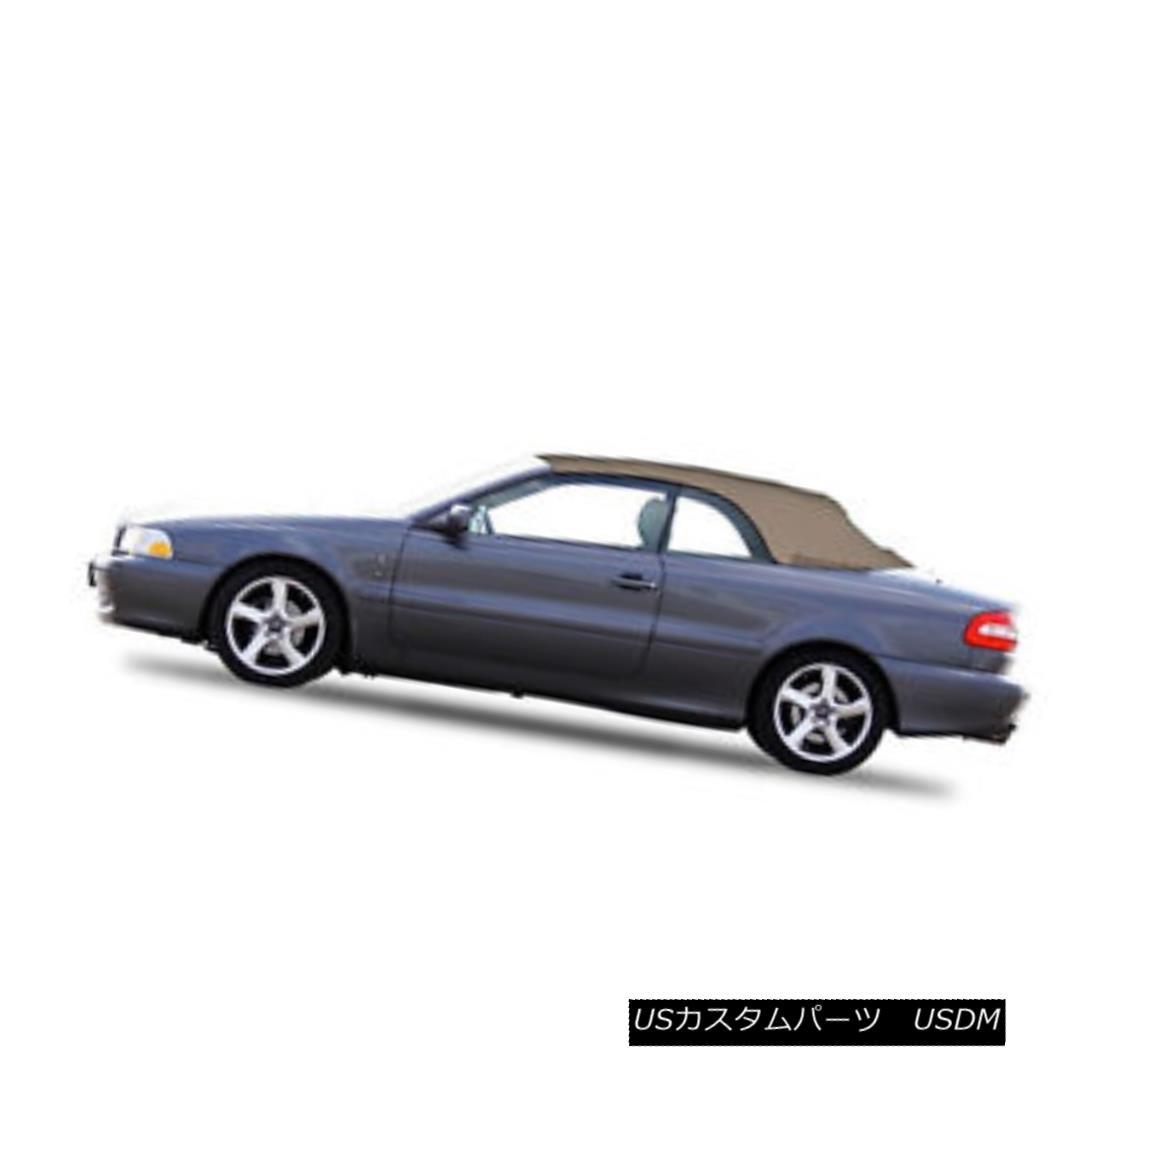 幌・ソフトトップ VOLVO C70 Convertible Soft Top Replacement & Glass window 1999-06 Beige Stayfast VOLVO C70コンバーチブルソフトトップ交換& ガラスの窓1999-06 Beige Stayfast